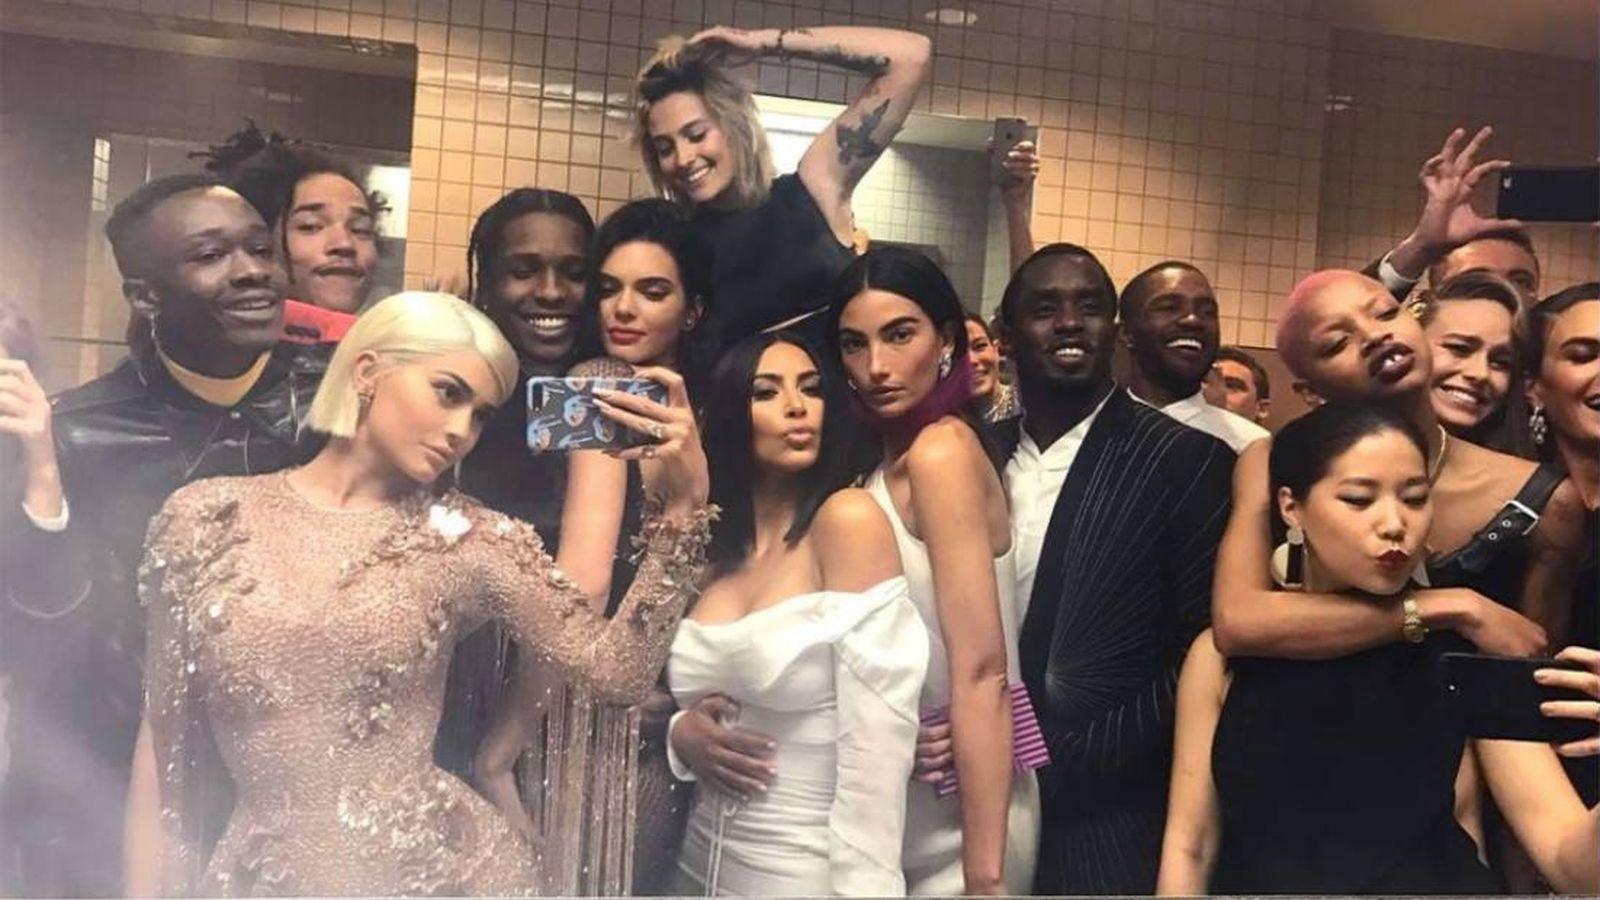 Foto: El selfie en el baño ha dejado de ser algo de mal gusto para convertirse en toda una obsesión para muchos.